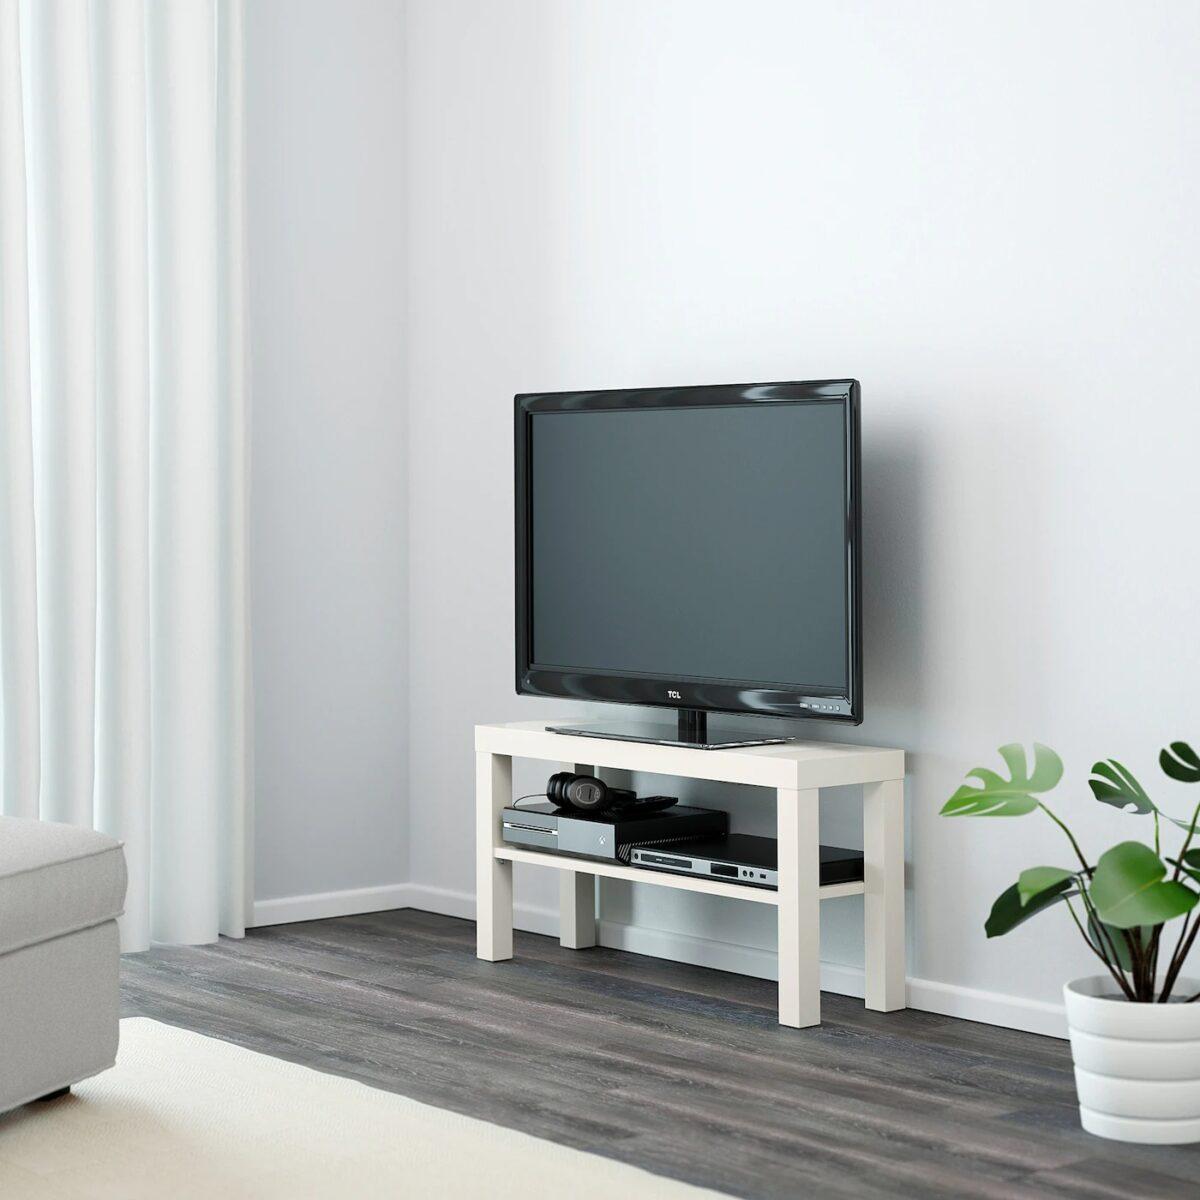 lack-mobile-tv